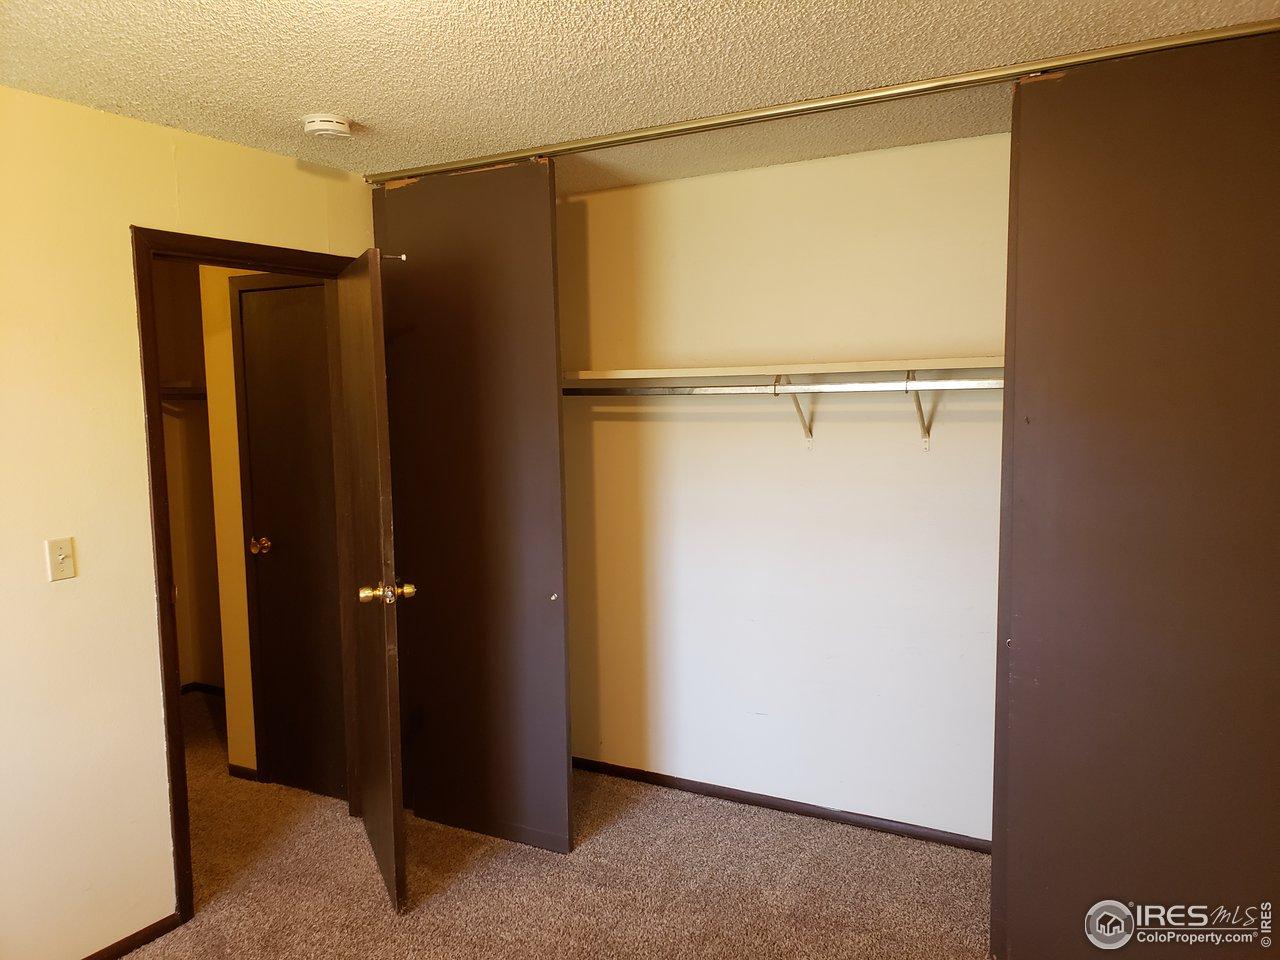 Huge closet here, too.